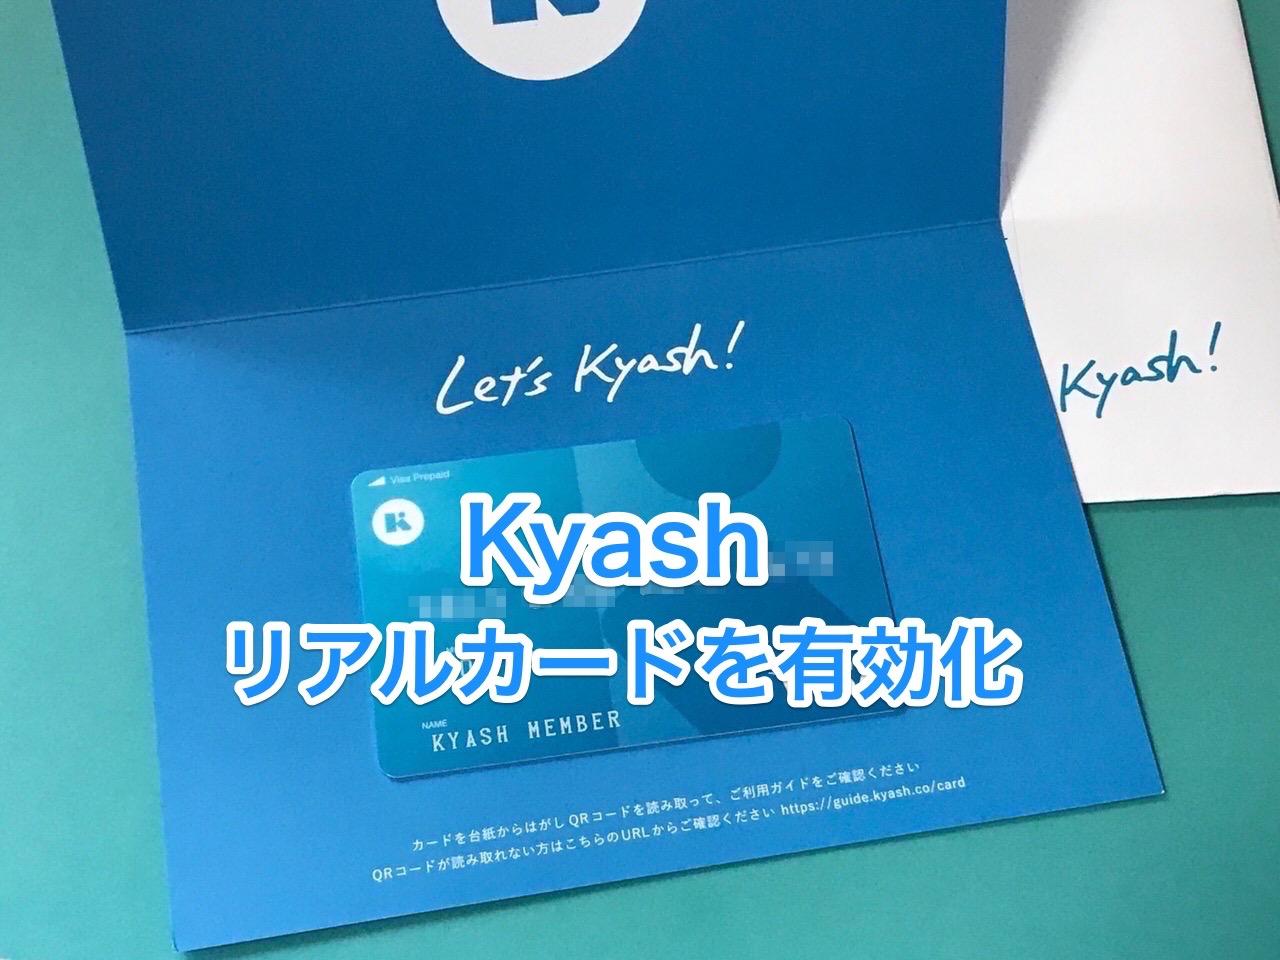 「Kyash」リアルカードが届く→アプリに登録して有効化